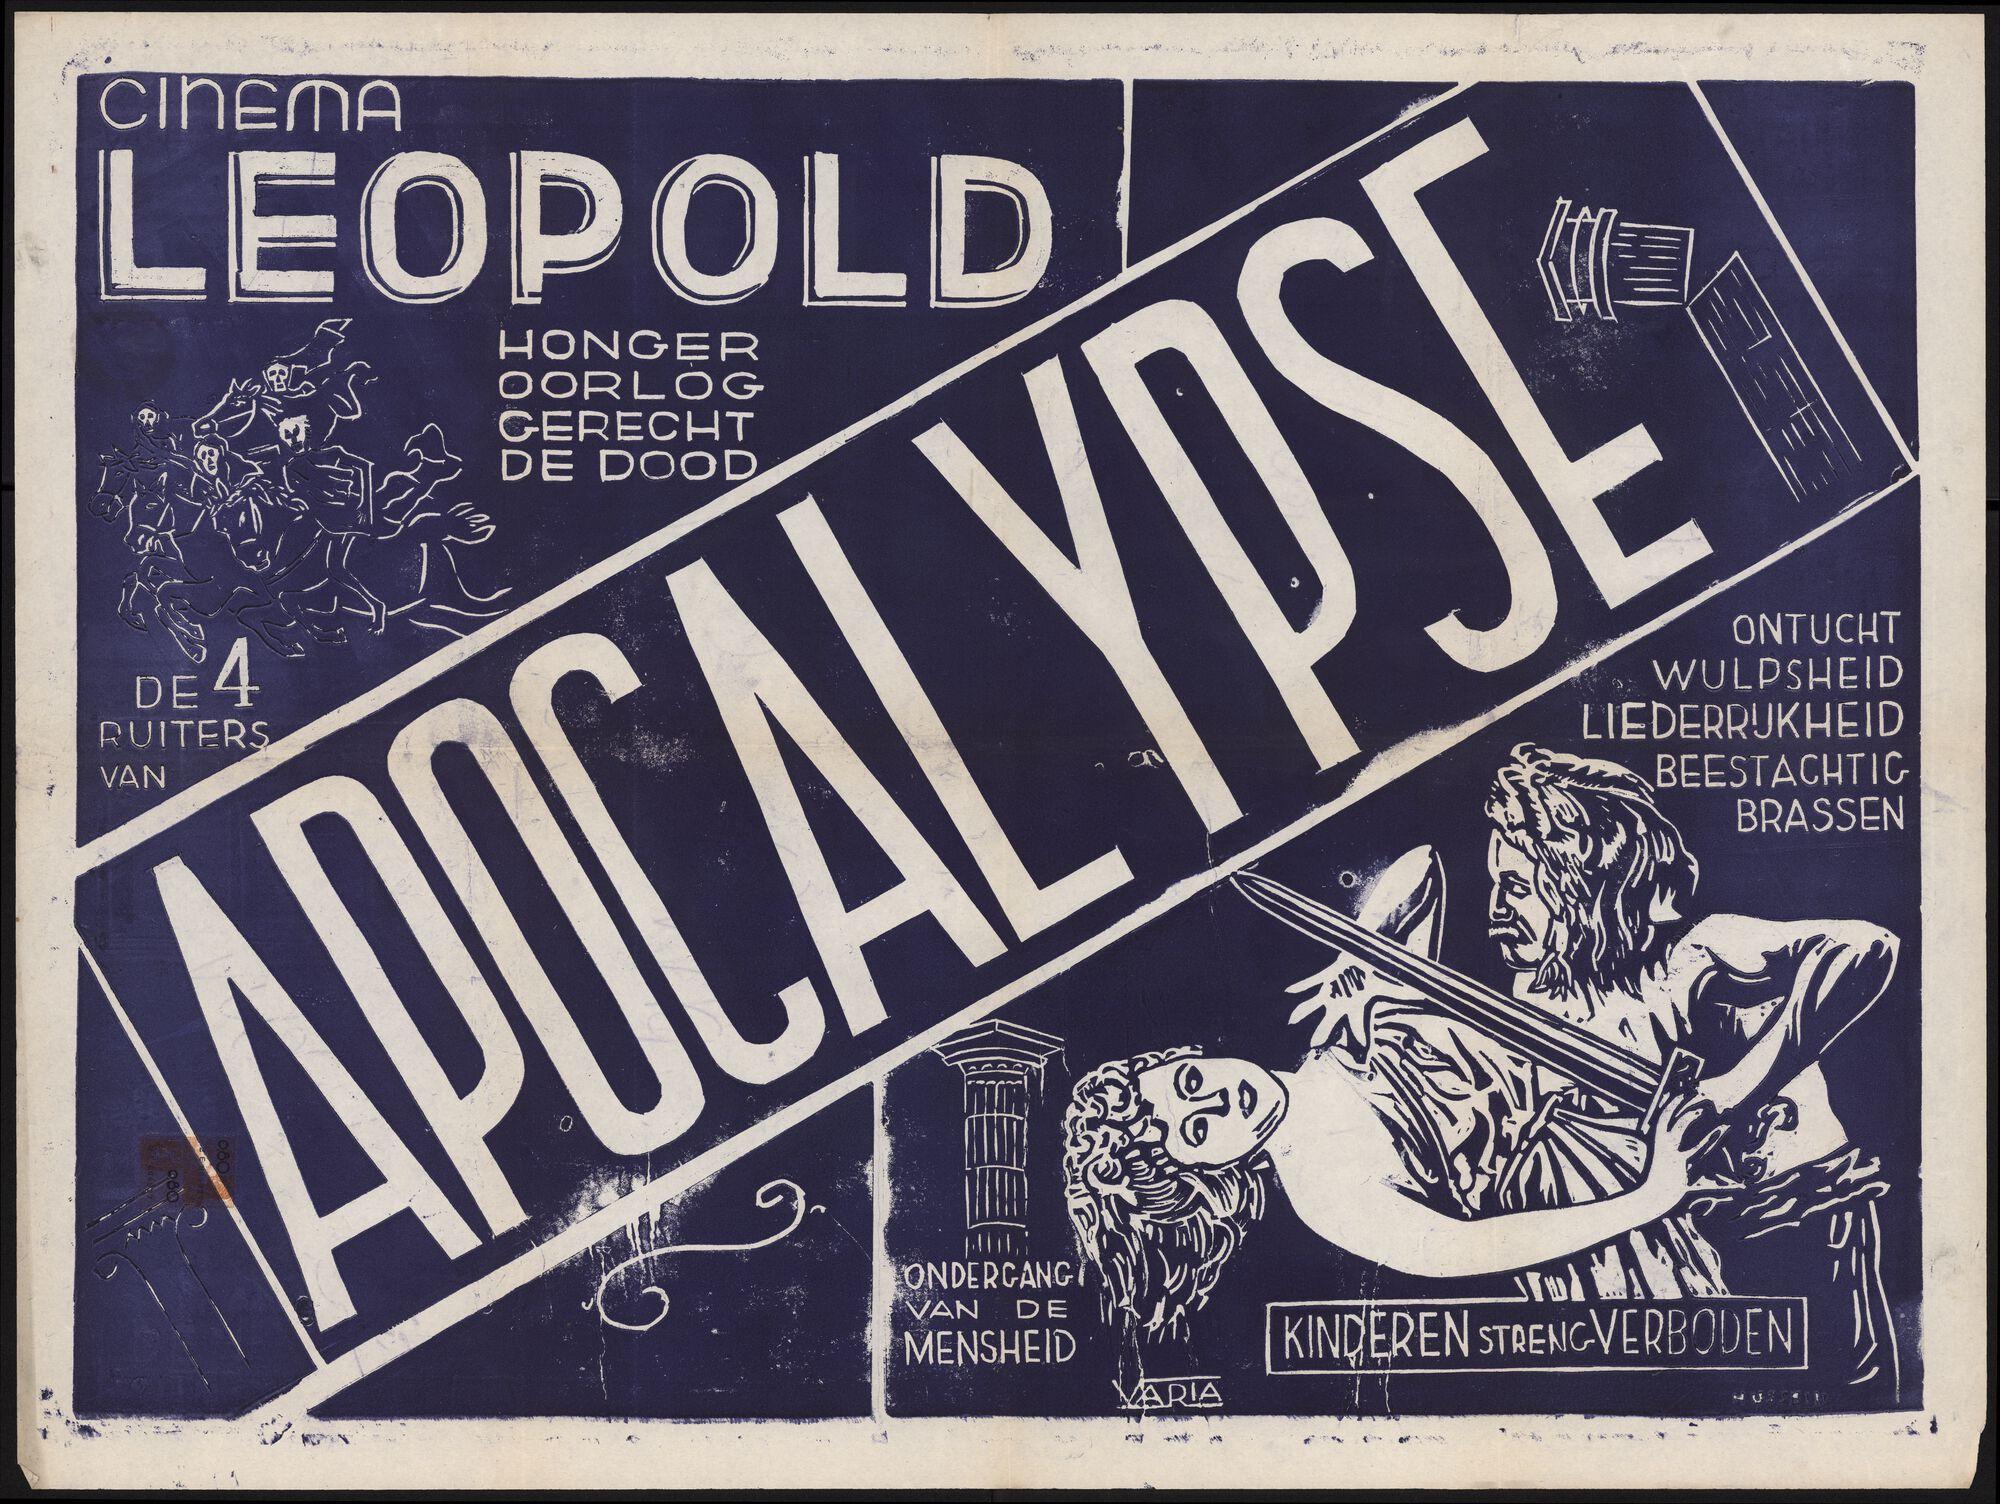 De 4 ruiters van apocalypse, Cinema Leopold, Gent, februari 1950